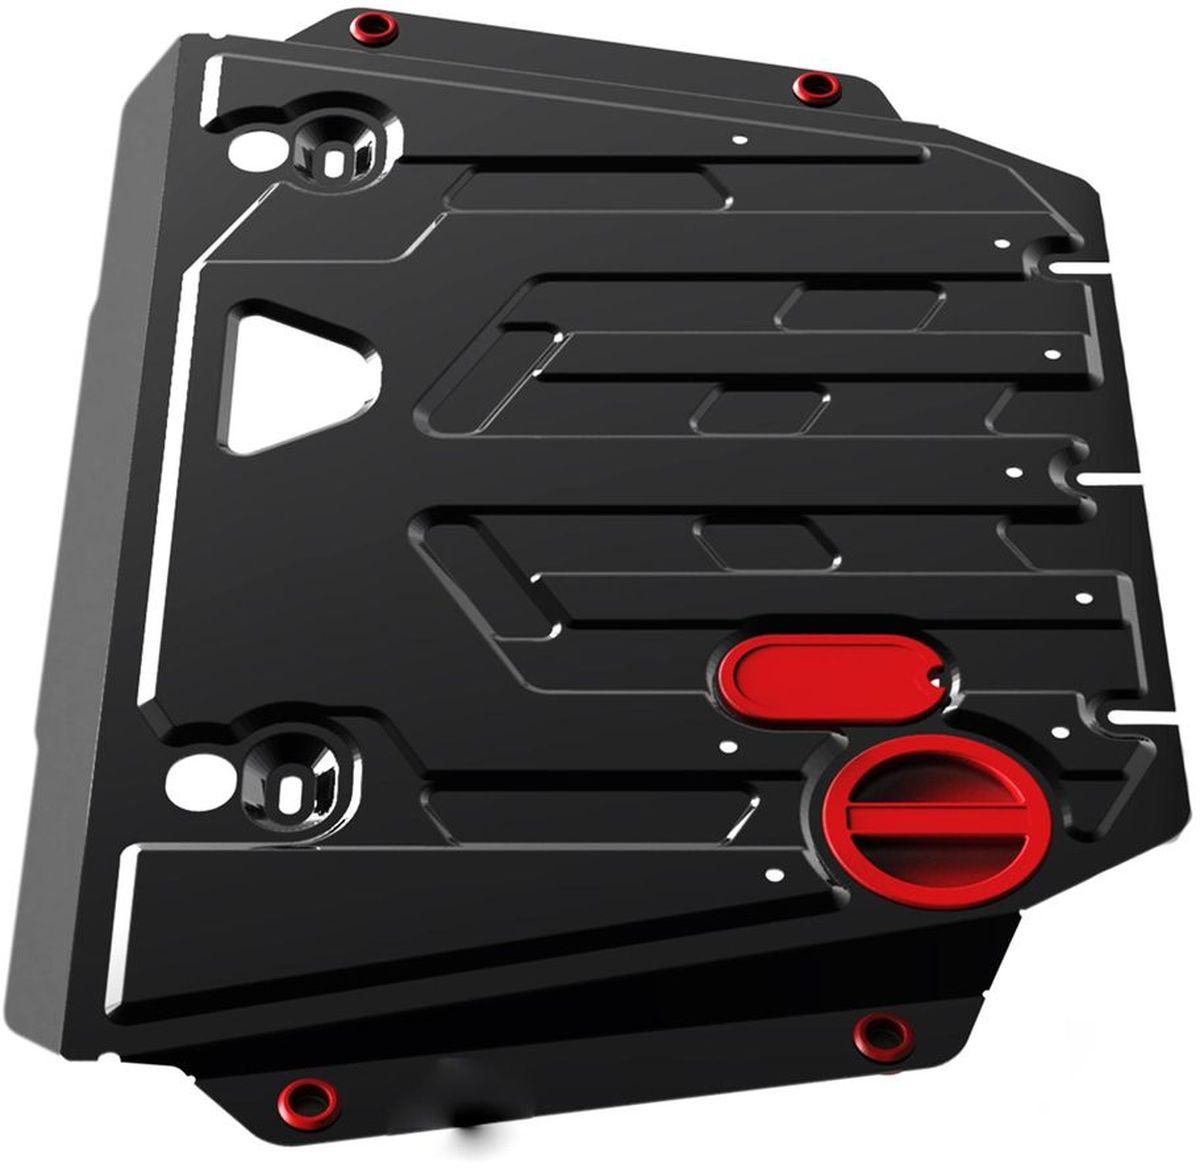 Защита картера и КПП Автоброня, для Kia Picanto V - 1,0; 1,1 (2007-2011)1004900000360Технологически совершенный продукт за невысокую стоимость.Защита разработана с учетом особенностей днища автомобиля, что позволяет сохранить дорожный просвет с минимальным изменением.Защита устанавливается в штатные места кузова автомобиля. Глубокий штамп обеспечивает до двух раз больше жесткости в сравнении с обычной защитой той же толщины. Проштампованные ребра жесткости препятствуют деформации защиты при ударах.Тепловой зазор и вентиляционные отверстия обеспечивают сохранение температурного режима двигателя в норме. Скрытый крепеж предотвращает срыв крепежных элементов при наезде на препятствие.Шумопоглощающие резиновые элементы обеспечивают комфортную езду без вибраций и скрежета металла, а съемные лючки для слива масла и замены фильтра - экономию средств и время.Конструкция изделия не влияет на пассивную безопасность автомобиля (при ударе защита не воздействует на деформационные зоны кузова). Со штатным крепежом. В комплекте инструкция по установке.Толщина стали: 2 мм.Уважаемые клиенты!Обращаем ваше внимание, что элемент защиты имеет форму, соответствующую модели данного автомобиля. Фото служит для визуального восприятия товара и может отличаться от фактического.